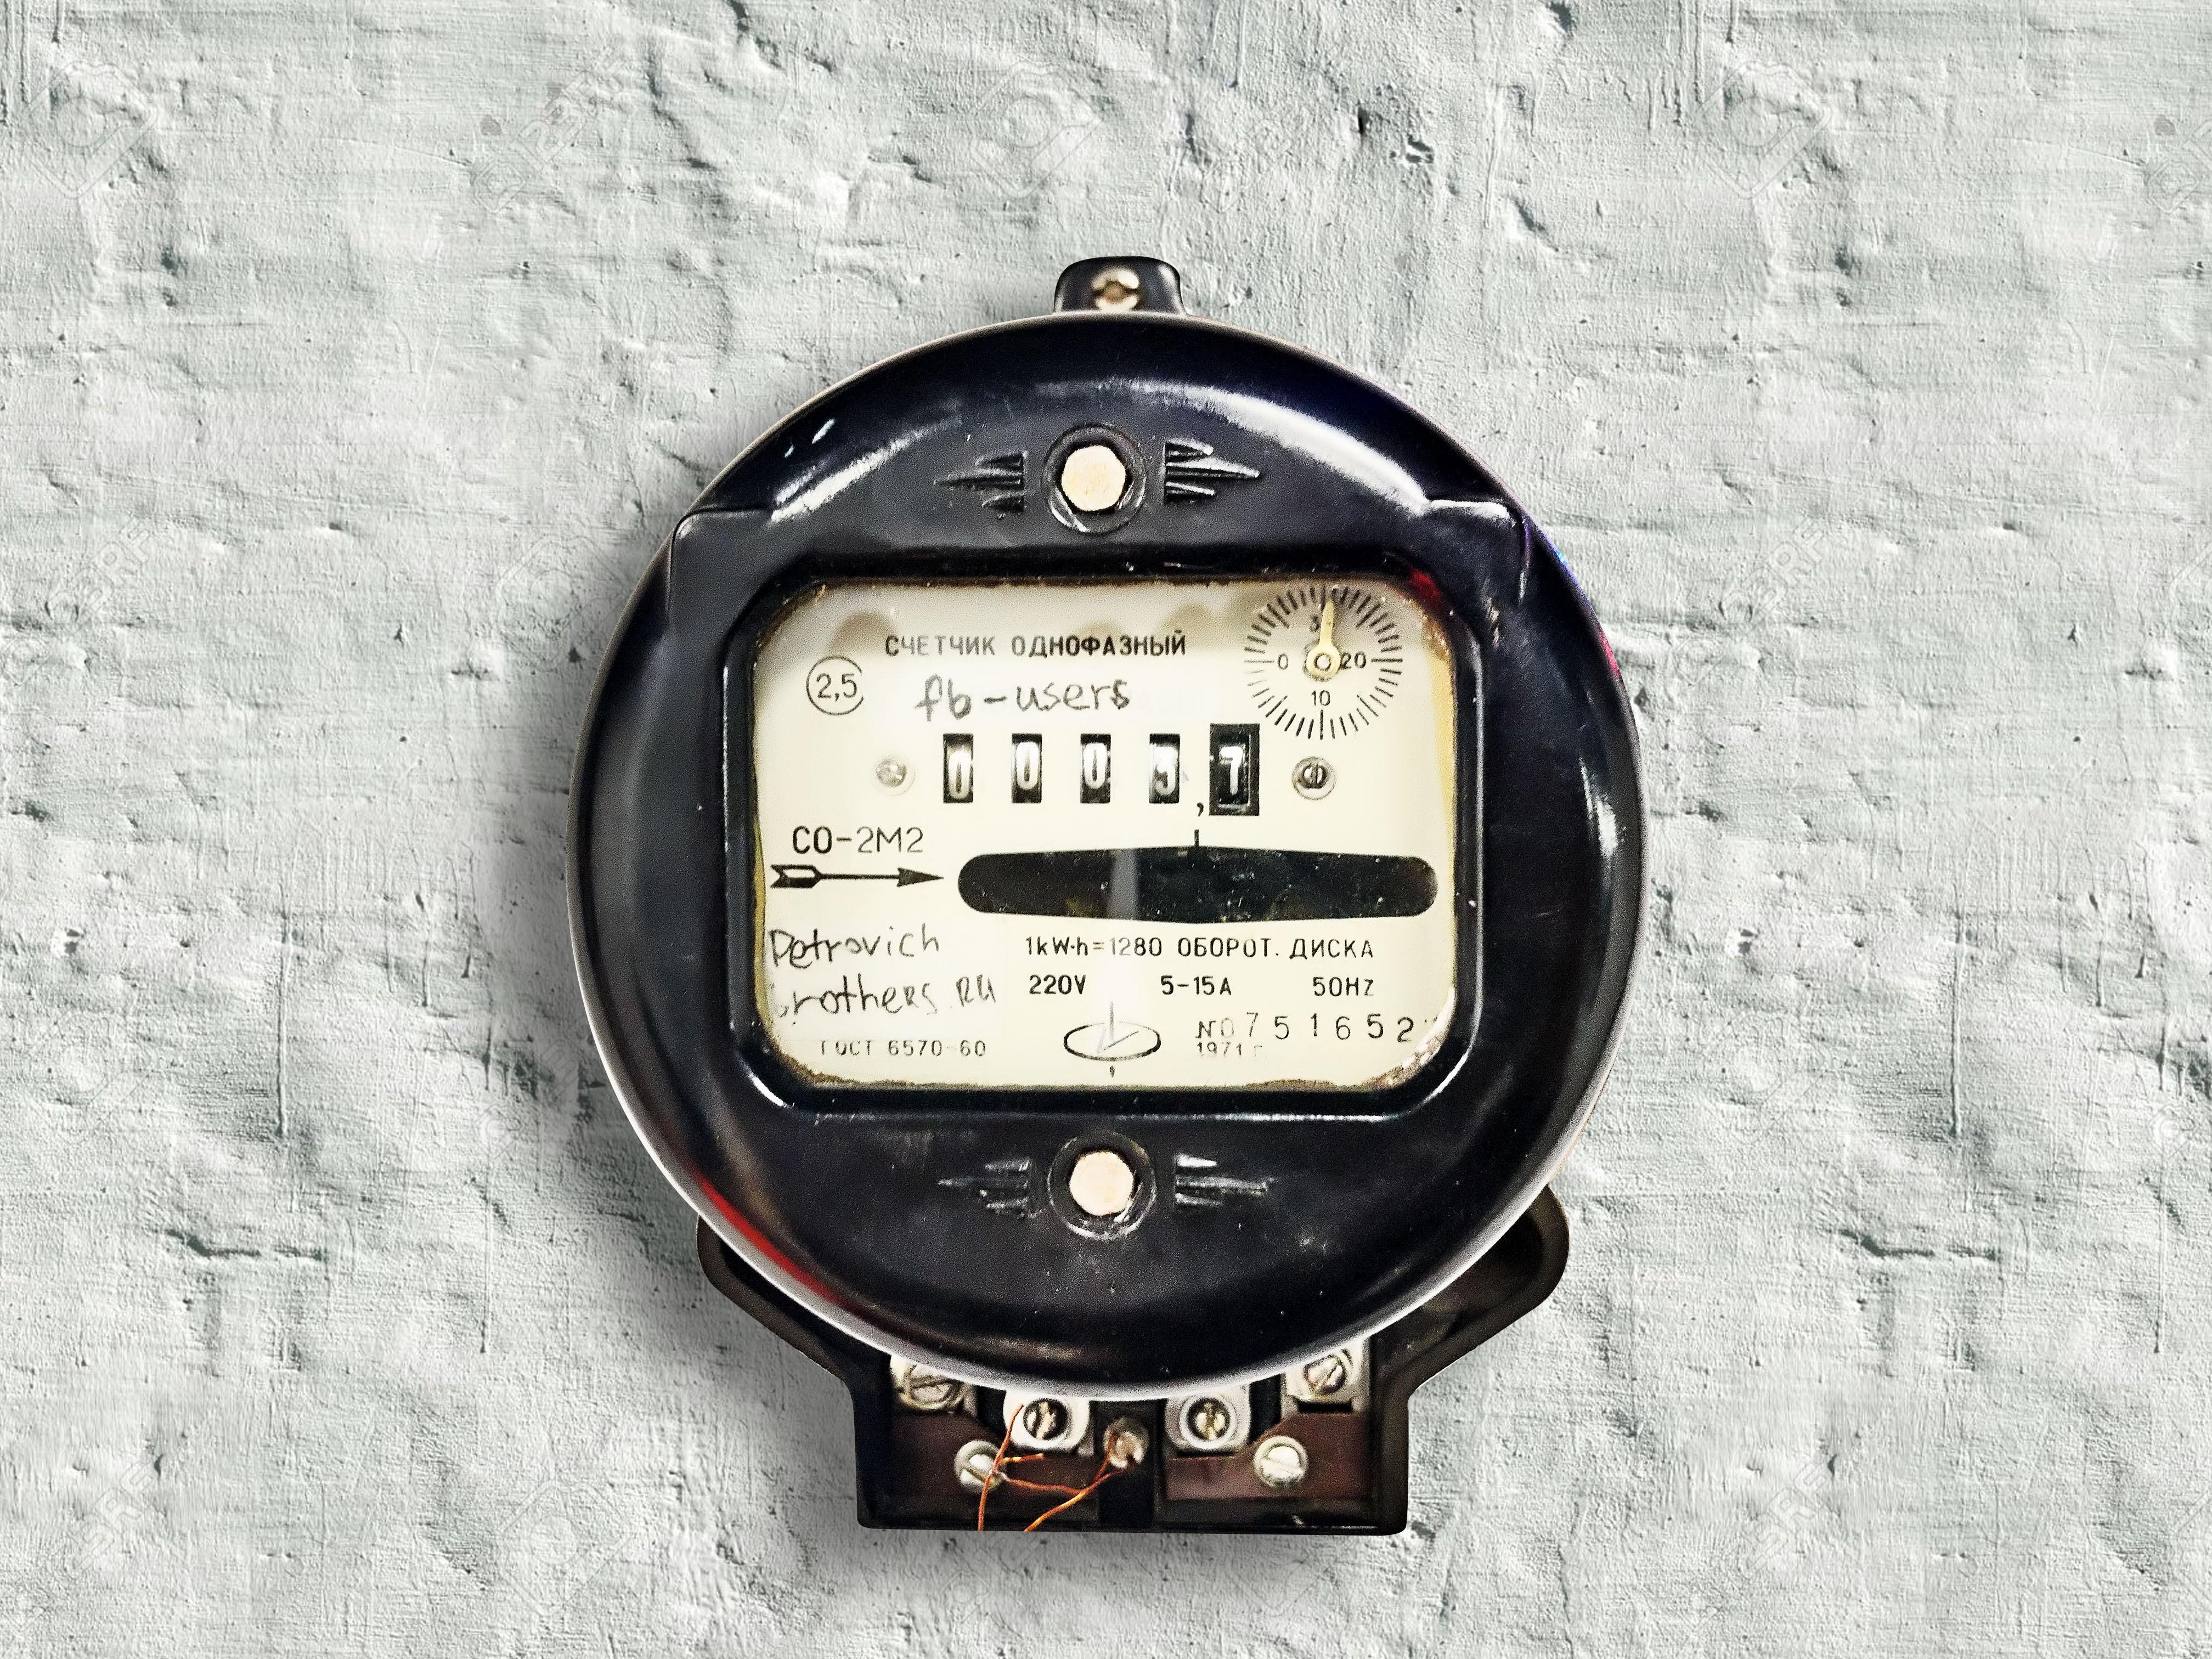 Электросчетчик: фото, устройство, принцип работы, история